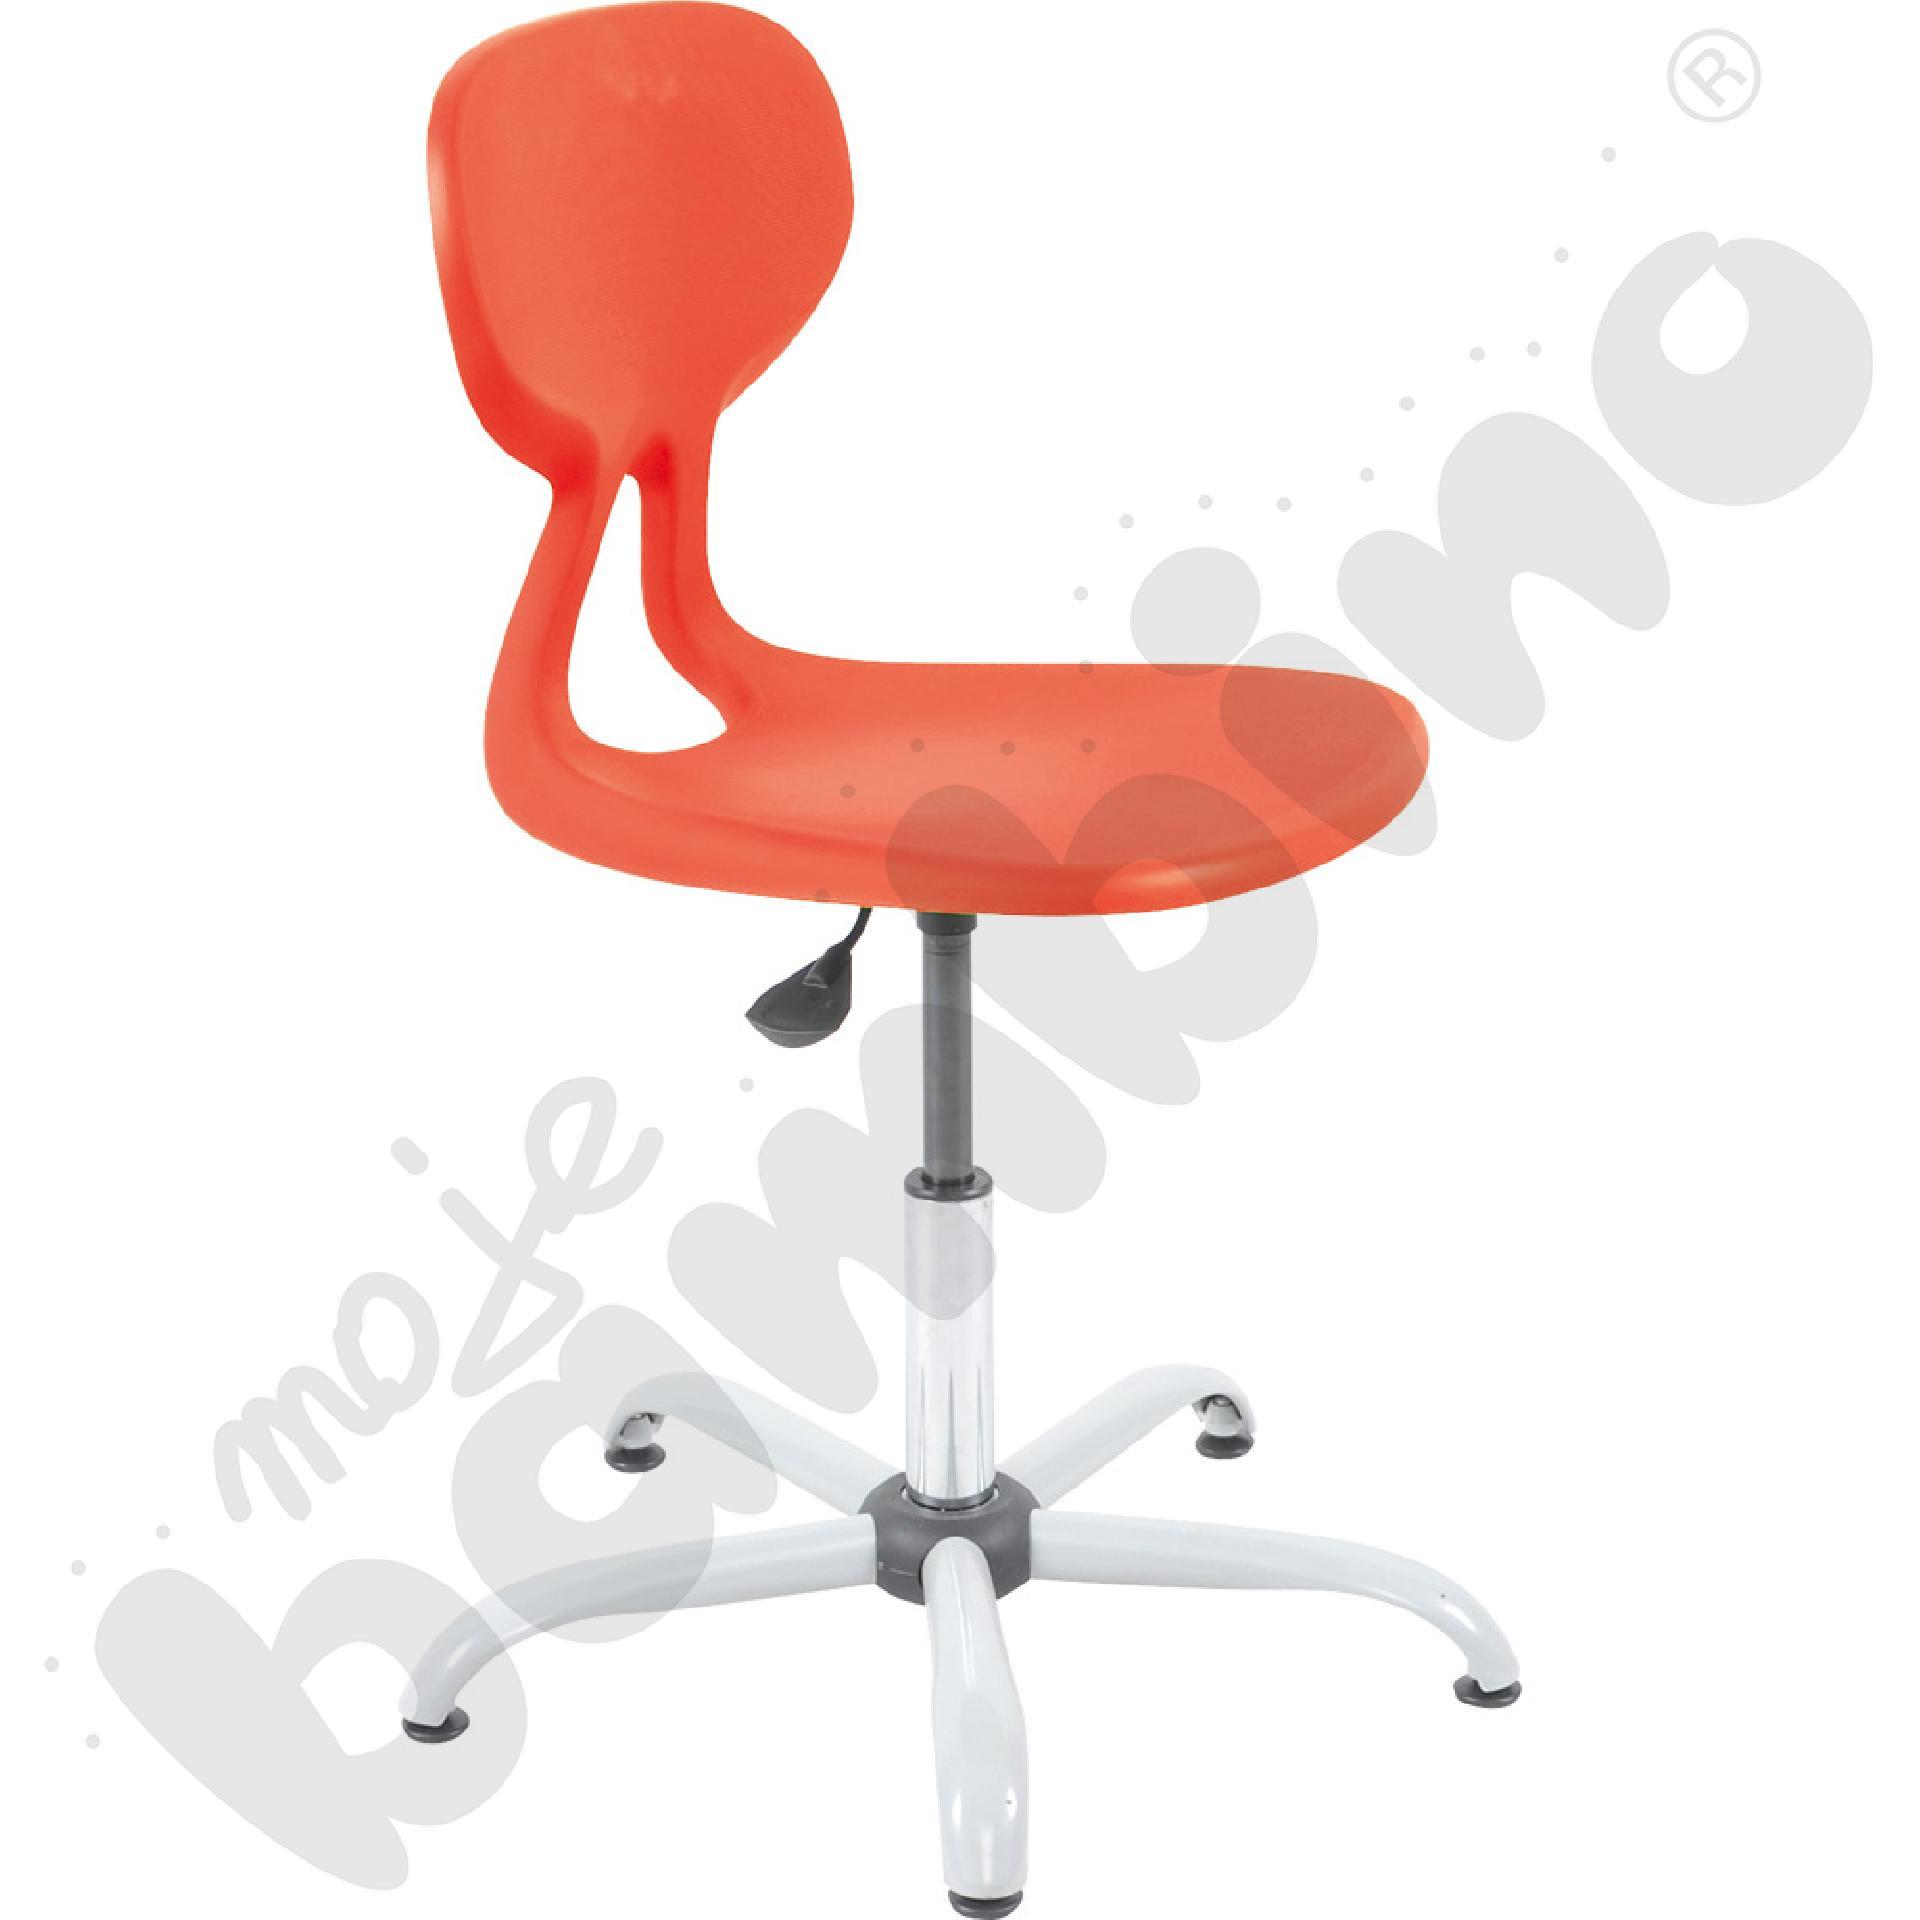 Krzesło Colores obrotowe z reg.  wys. czerwone